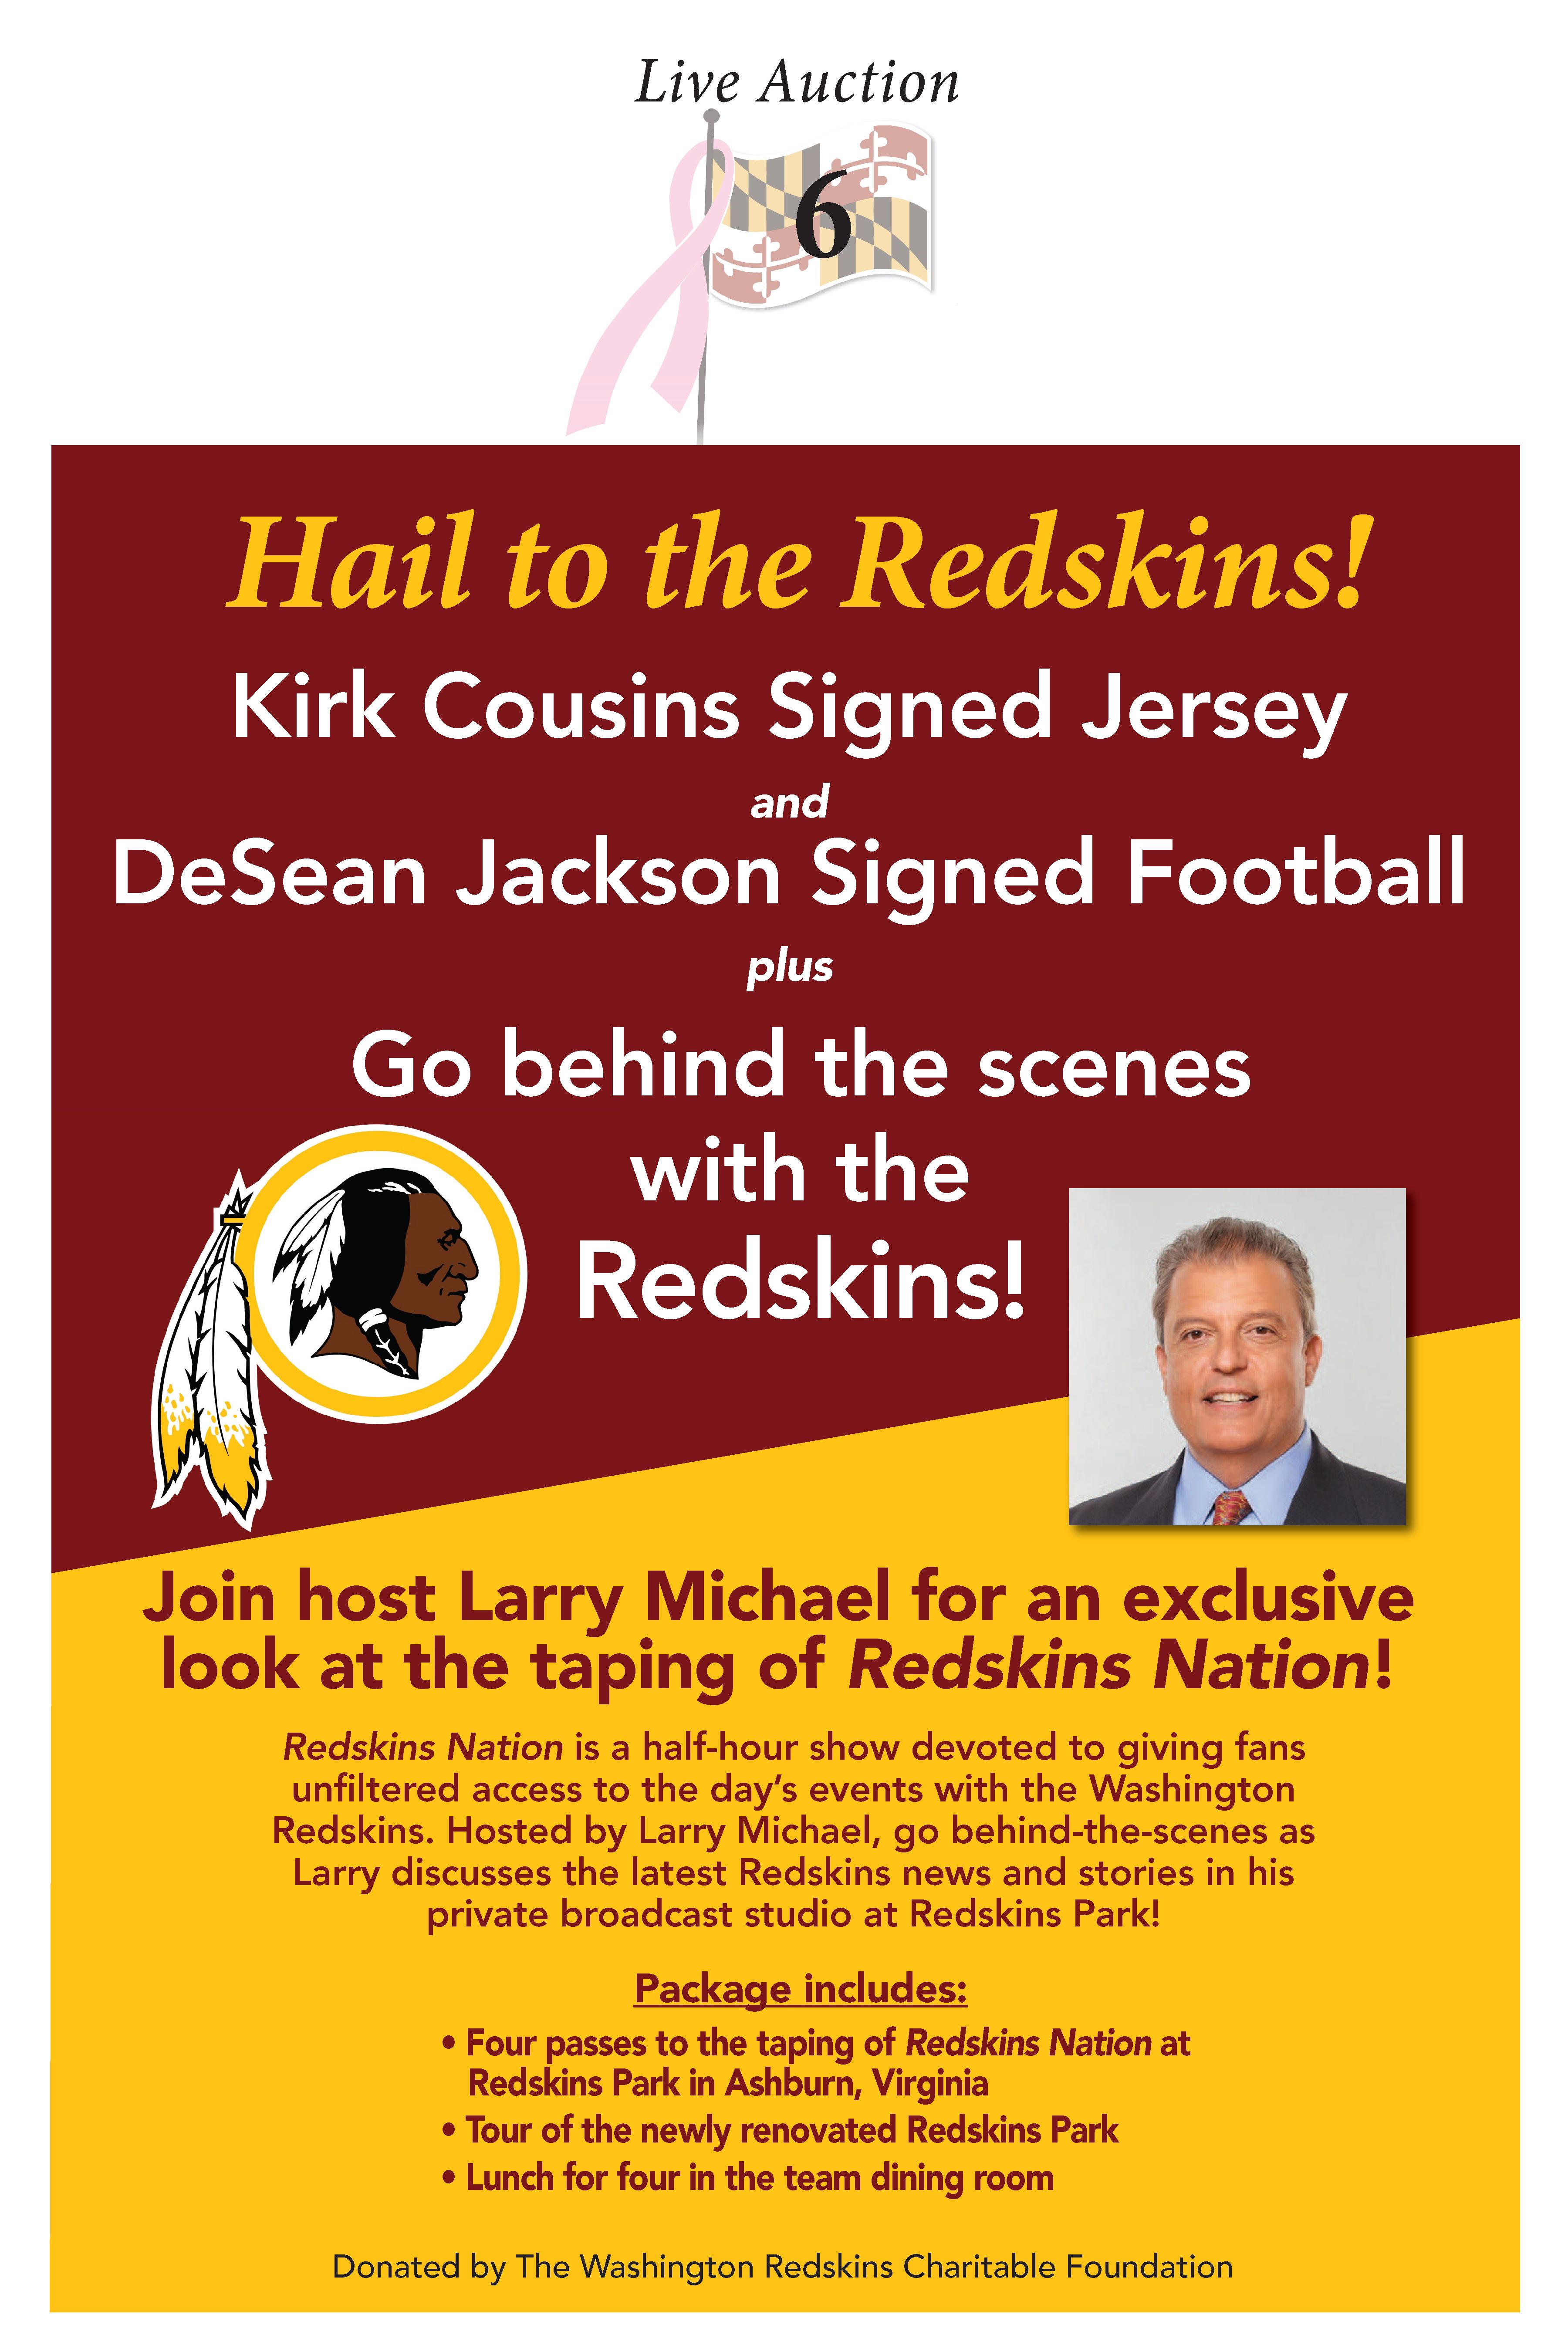 Redskins Package